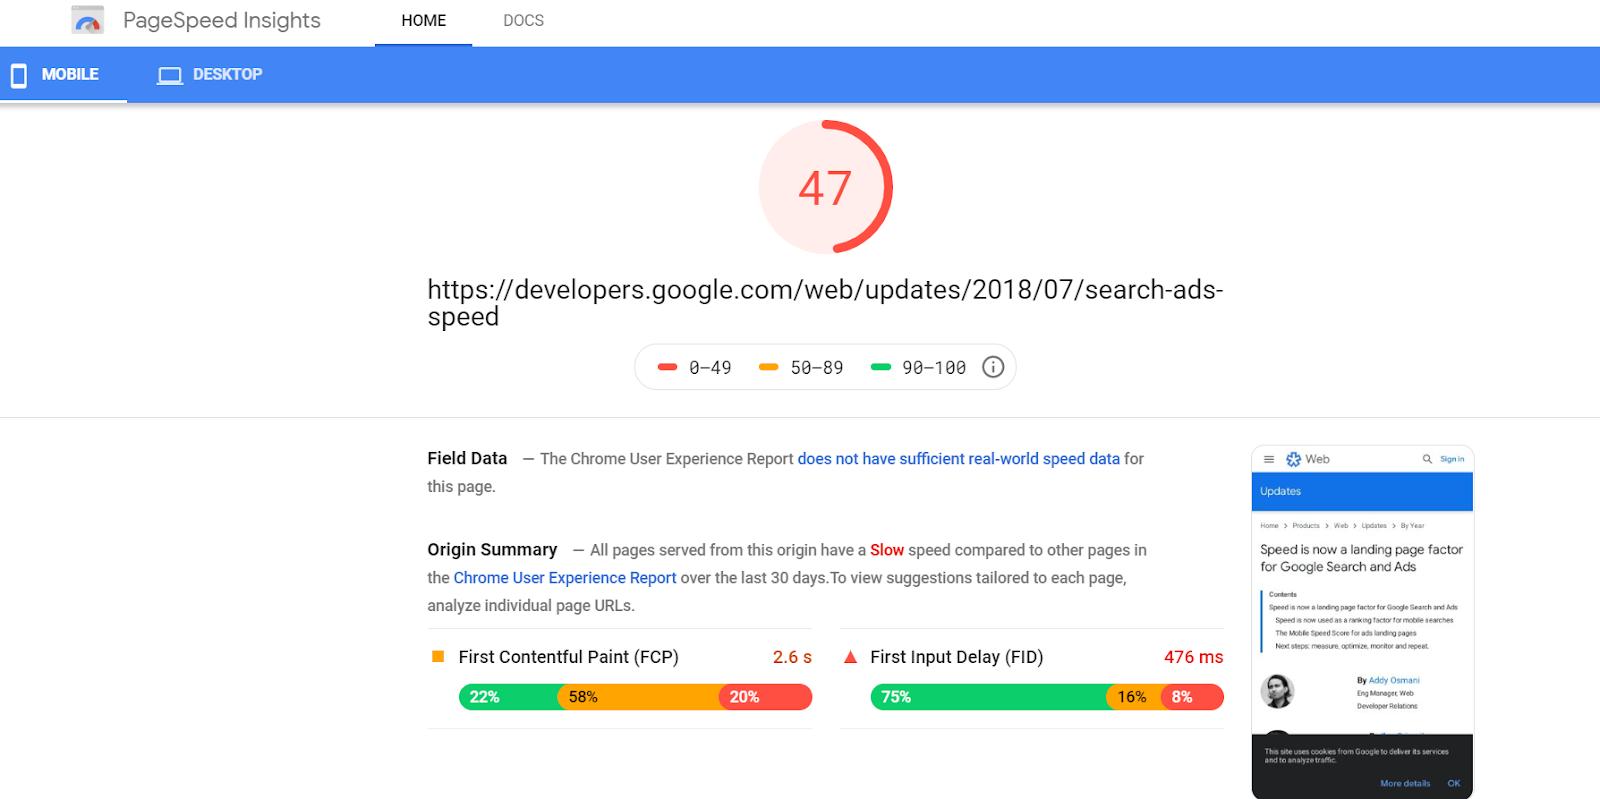 Le temps moyen de chargement d'une page web dans Google Page Speed Insights